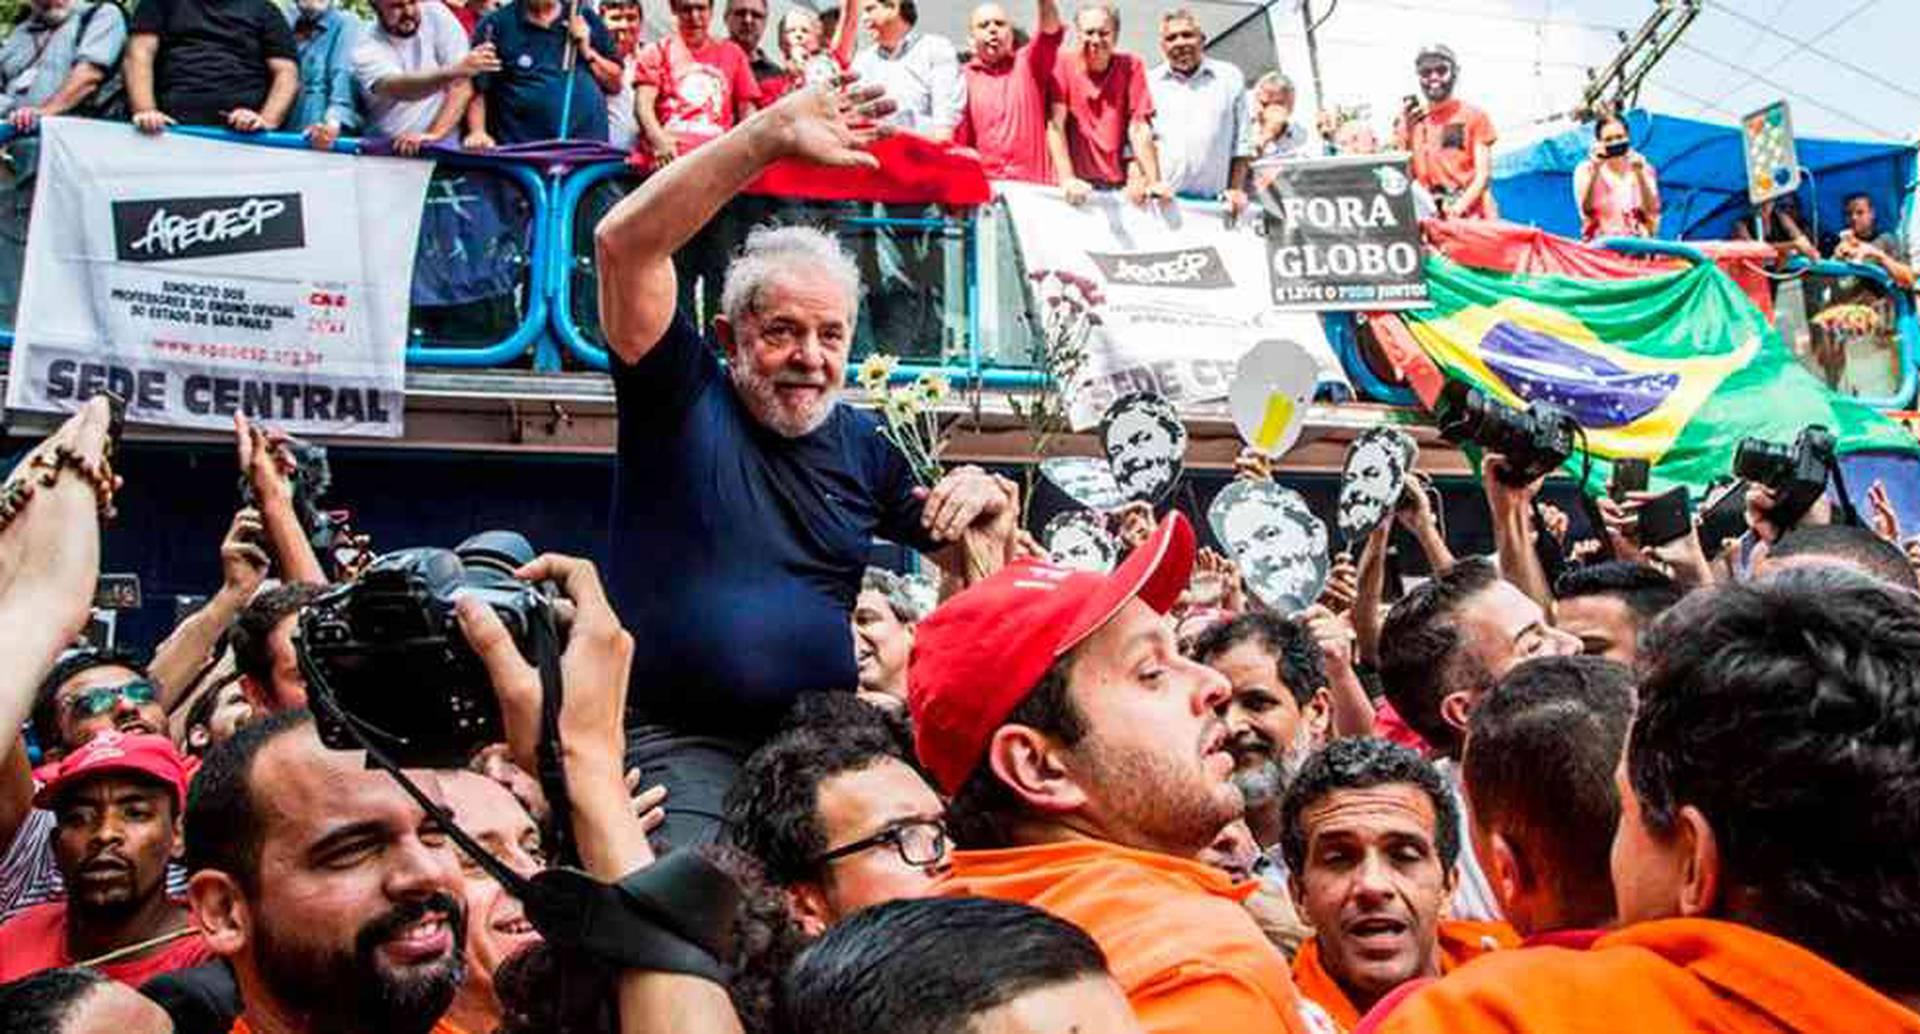 Lula da Silva queda en libertad a partir de hoy.